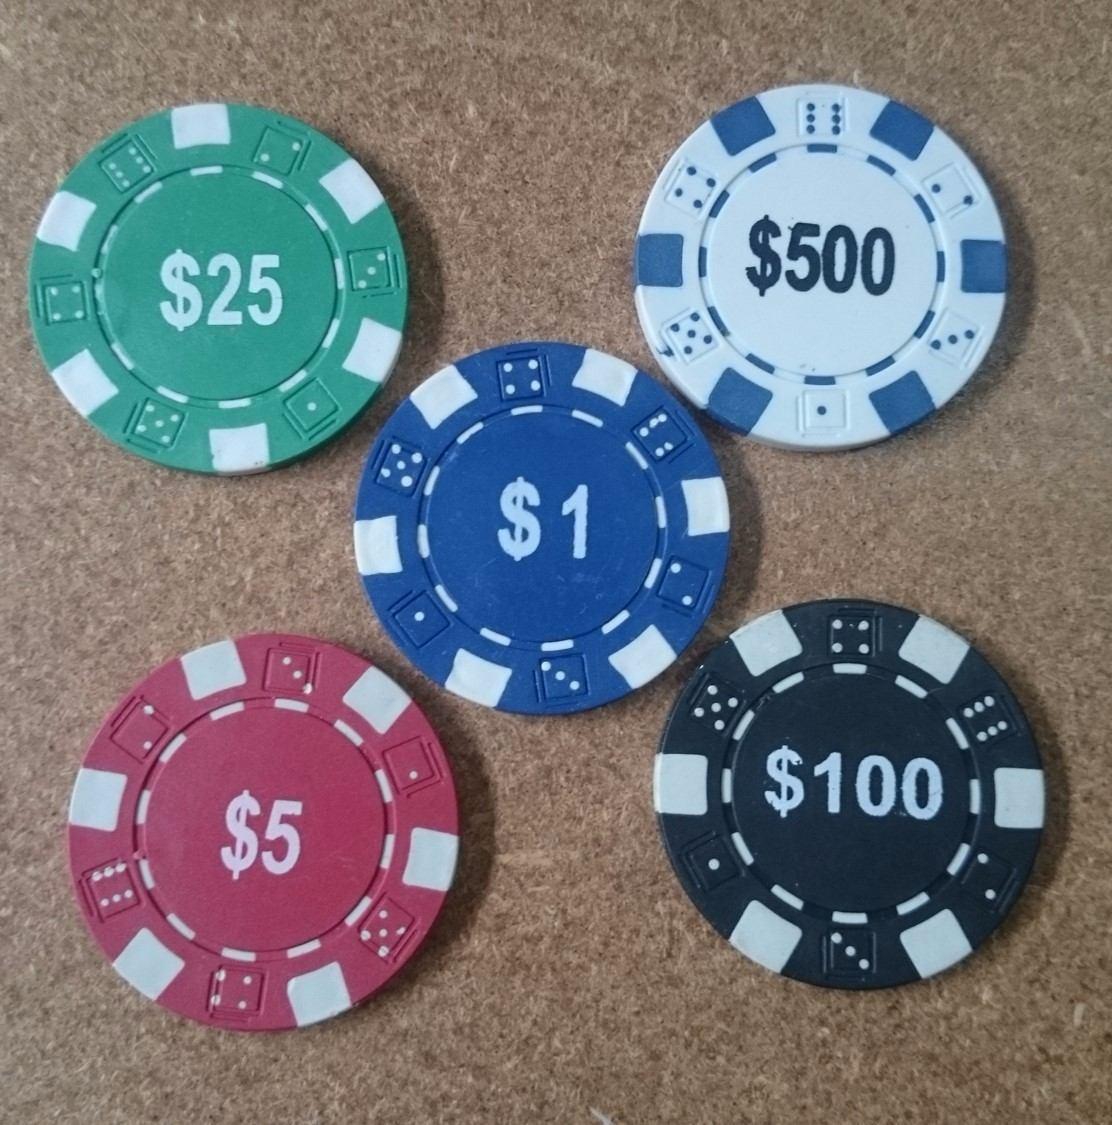 Cual es el valor de las fichas de poker chris keith procter and gamble